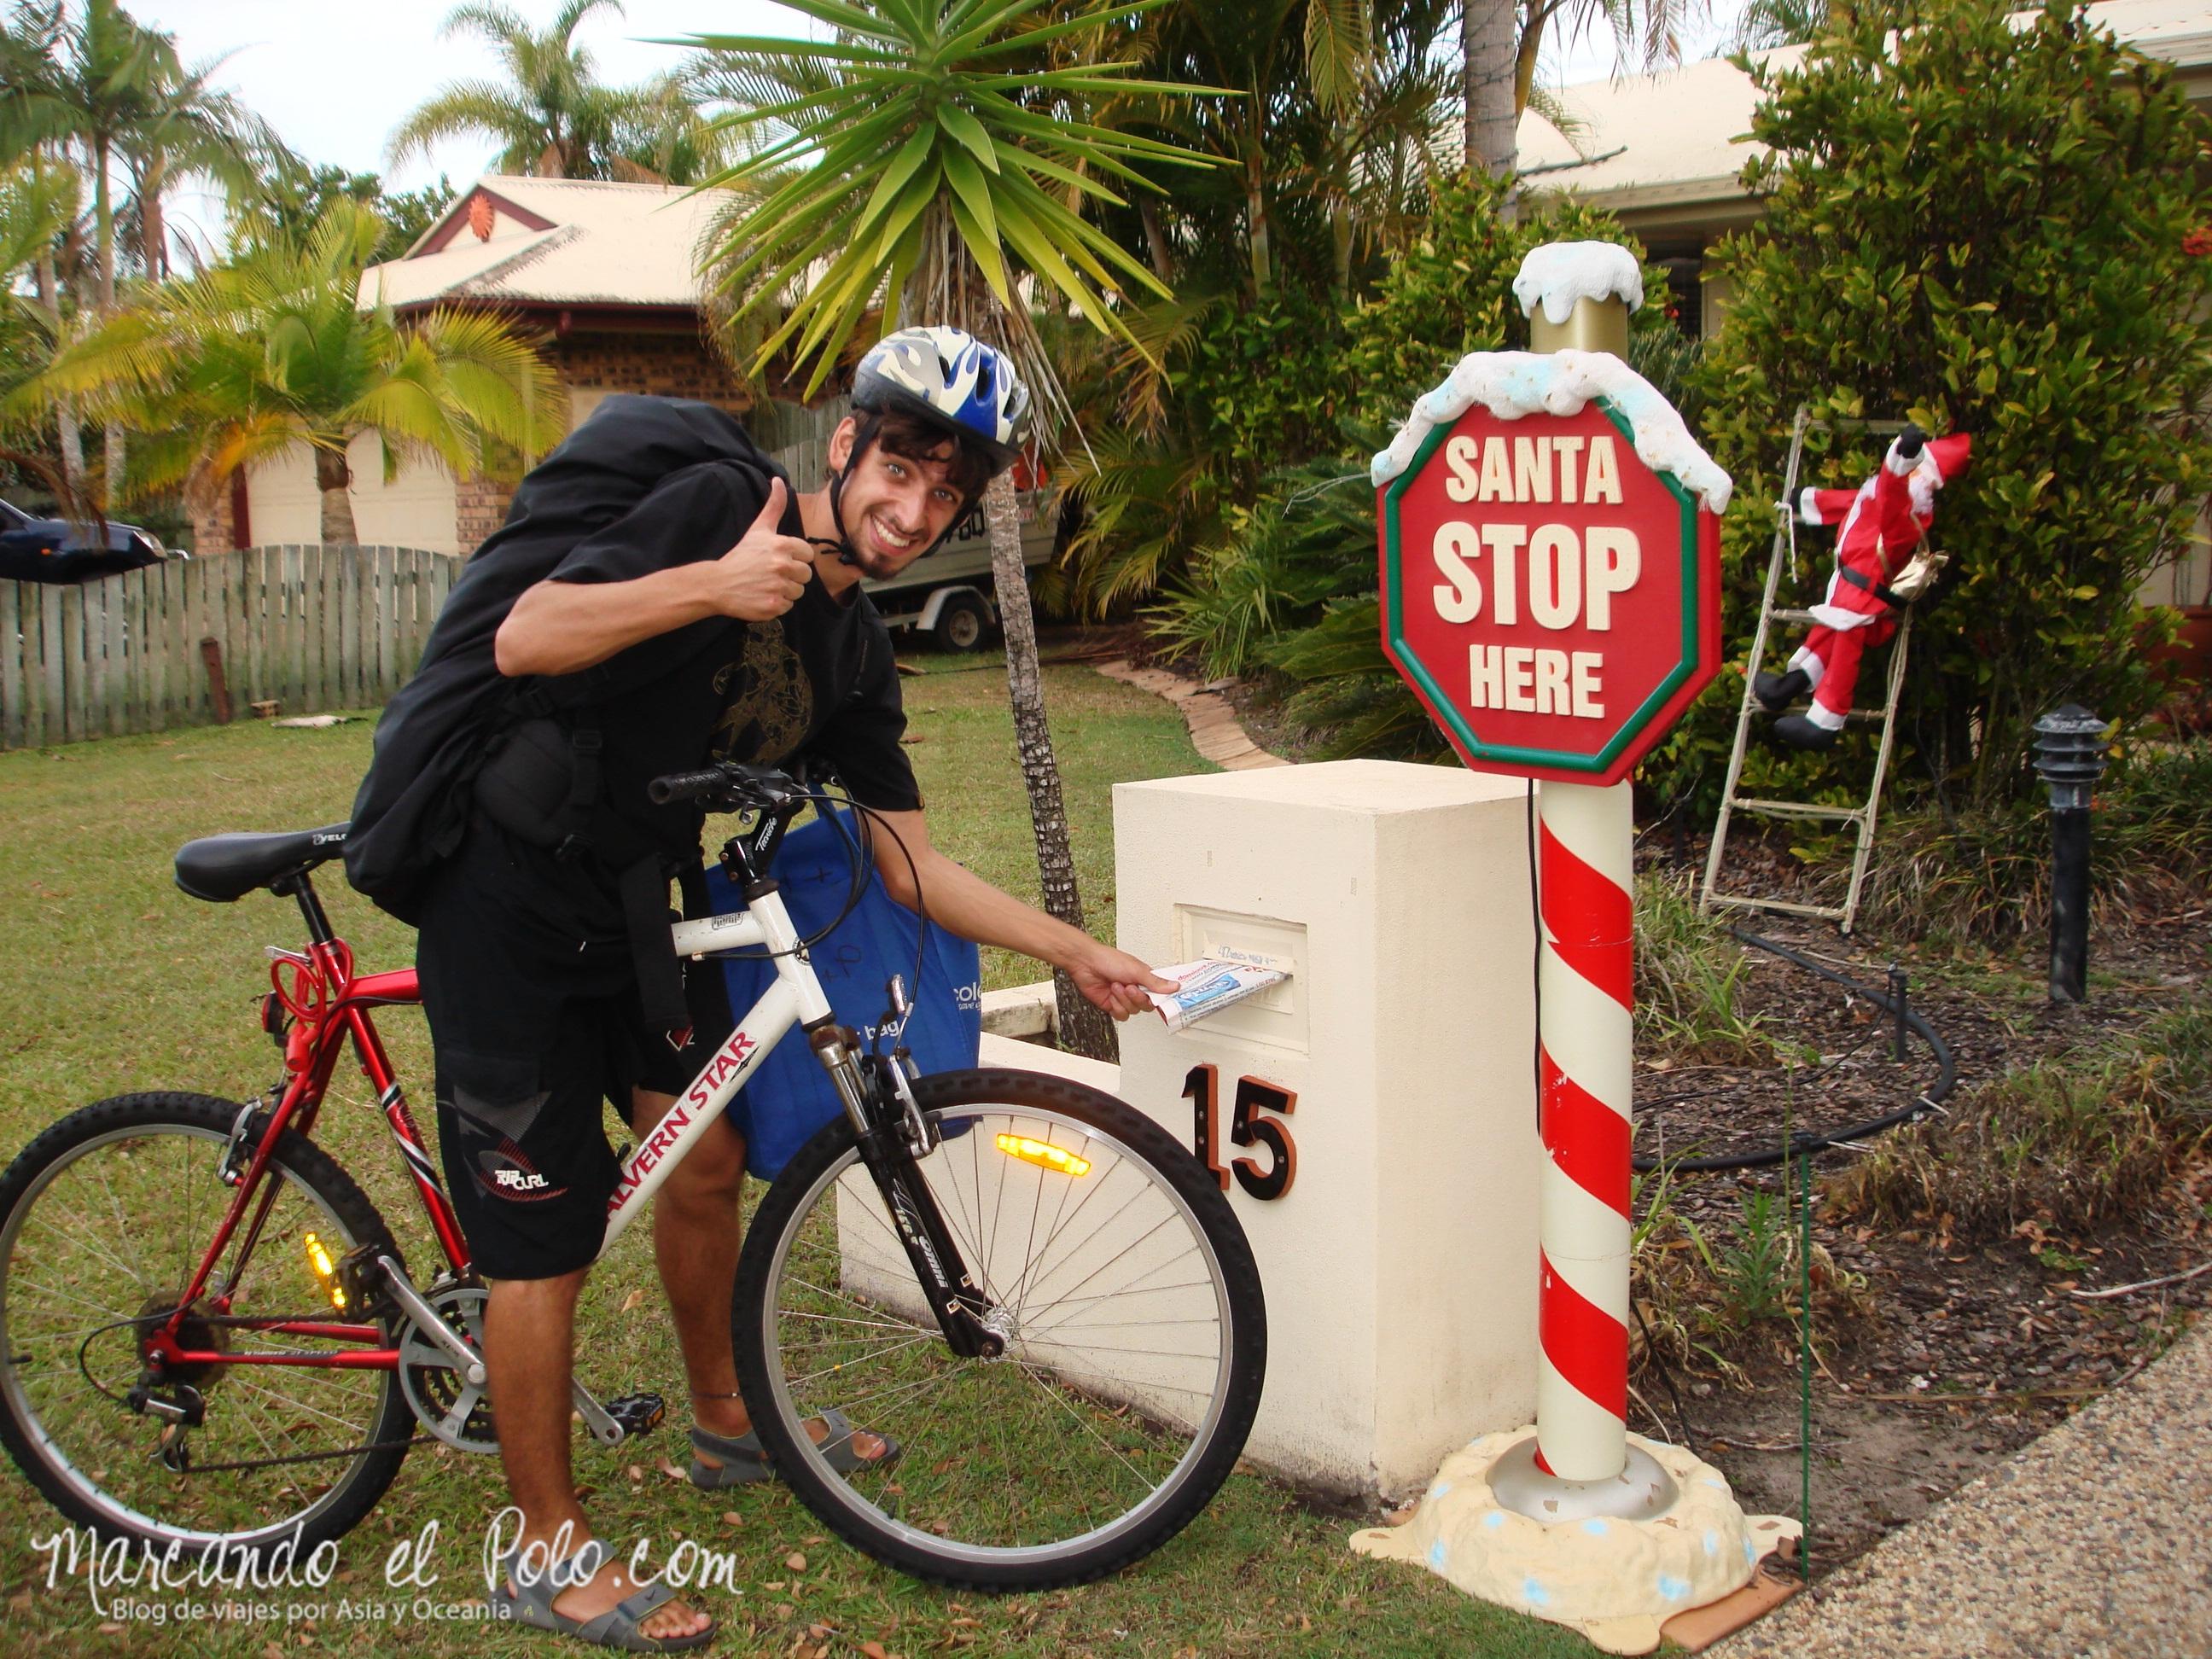 Trabajo en Australia: repartir volantes en Noosa, Queensland